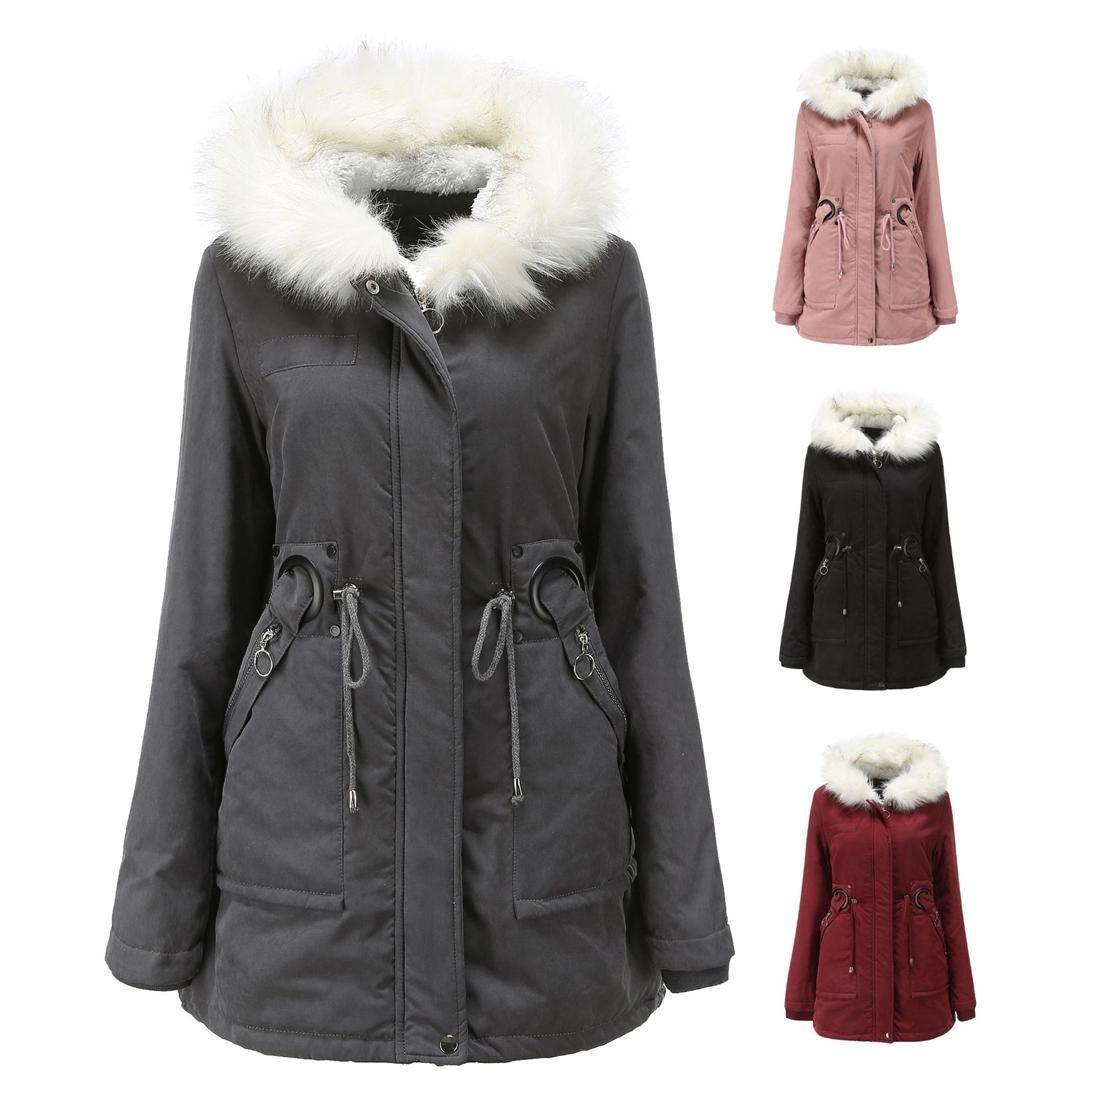 longos gola de pele branca inverno quente e casaco de veludo das mulheres revestimento encapuçado das mulheres de algodão acolchoado